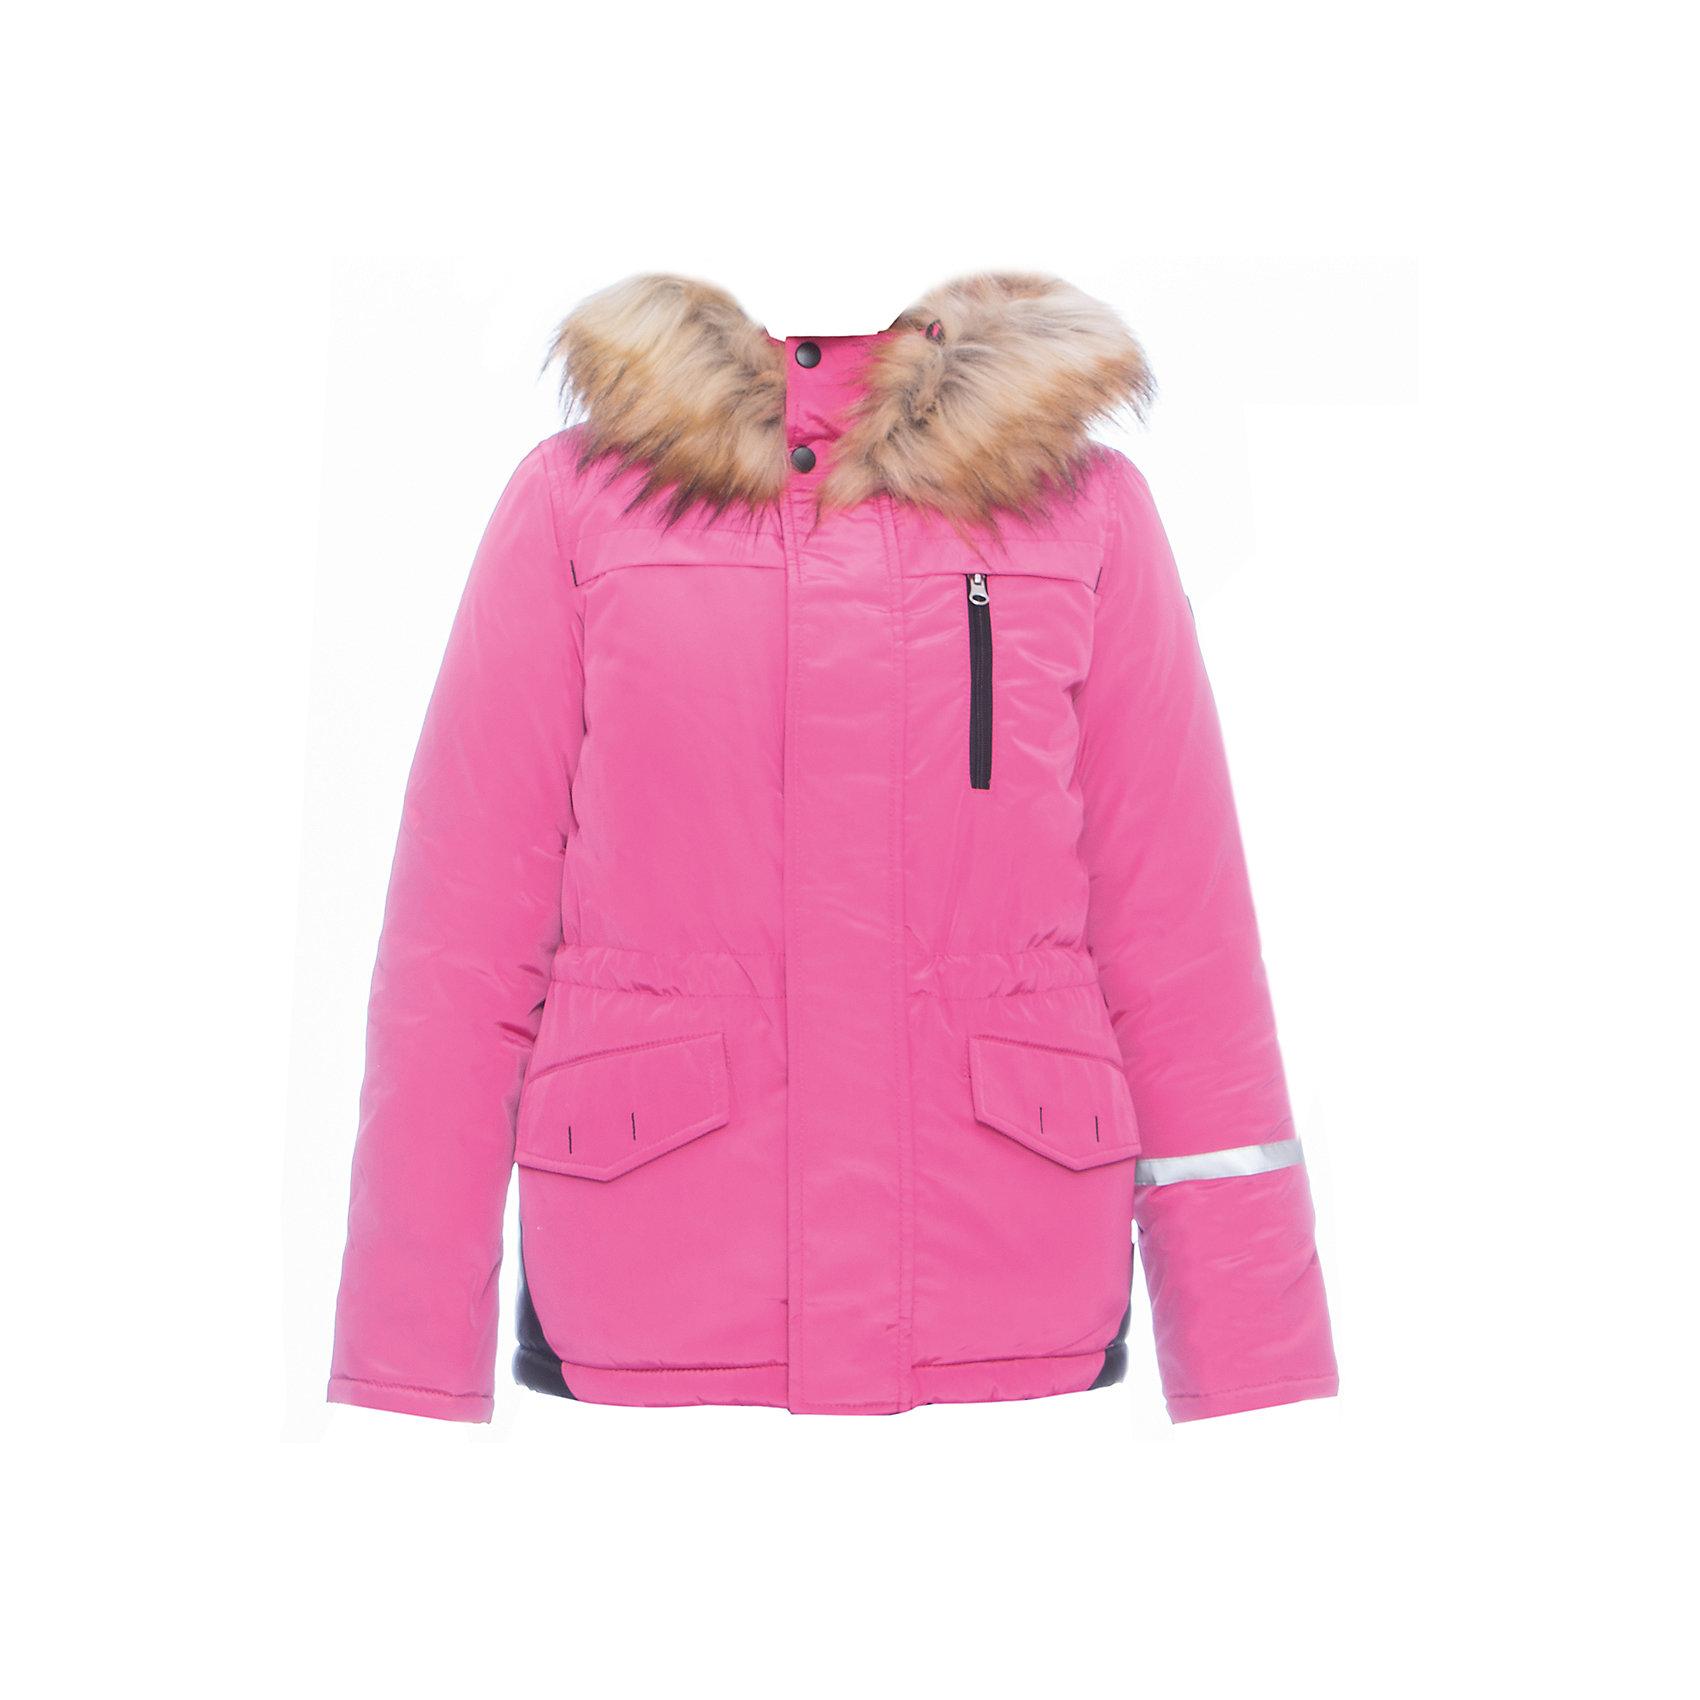 Куртка BOOM by OrbyВерхняя одежда<br>Характеристики товара:<br><br>• цвет: фуксия<br>• состав ткани: твил pu milky<br>• подкладка: хлопок, флис, полиэстер пуходержащий<br>• утеплитель: эко синтепон <br>• сезон: зима<br>• температурный режим: от 0 до -30С<br>• плотность утеплителя: 400 г/м2<br>• капюшон: с мехом<br>• застежка: молния<br>• страна бренда: Россия<br>• страна изготовитель: Россия<br><br>Зимняя куртка для ребенка поможет защитить ребенка от холода. Детская теплая куртка дополнена удобным капюшоном, планкой от ветра и карманами. Такая детская куртка отлично подойдет для зимних холодов - в этой зимней куртке хороший утеплитель. <br><br>Куртку BOOM by Orby (Бум бай Орби) можно купить в нашем интернет-магазине.<br><br>Ширина мм: 356<br>Глубина мм: 10<br>Высота мм: 245<br>Вес г: 519<br>Цвет: розовый<br>Возраст от месяцев: 144<br>Возраст до месяцев: 156<br>Пол: Унисекс<br>Возраст: Детский<br>Размер: 158,98,104,110,116,122,128,134,140,146,152<br>SKU: 7090190